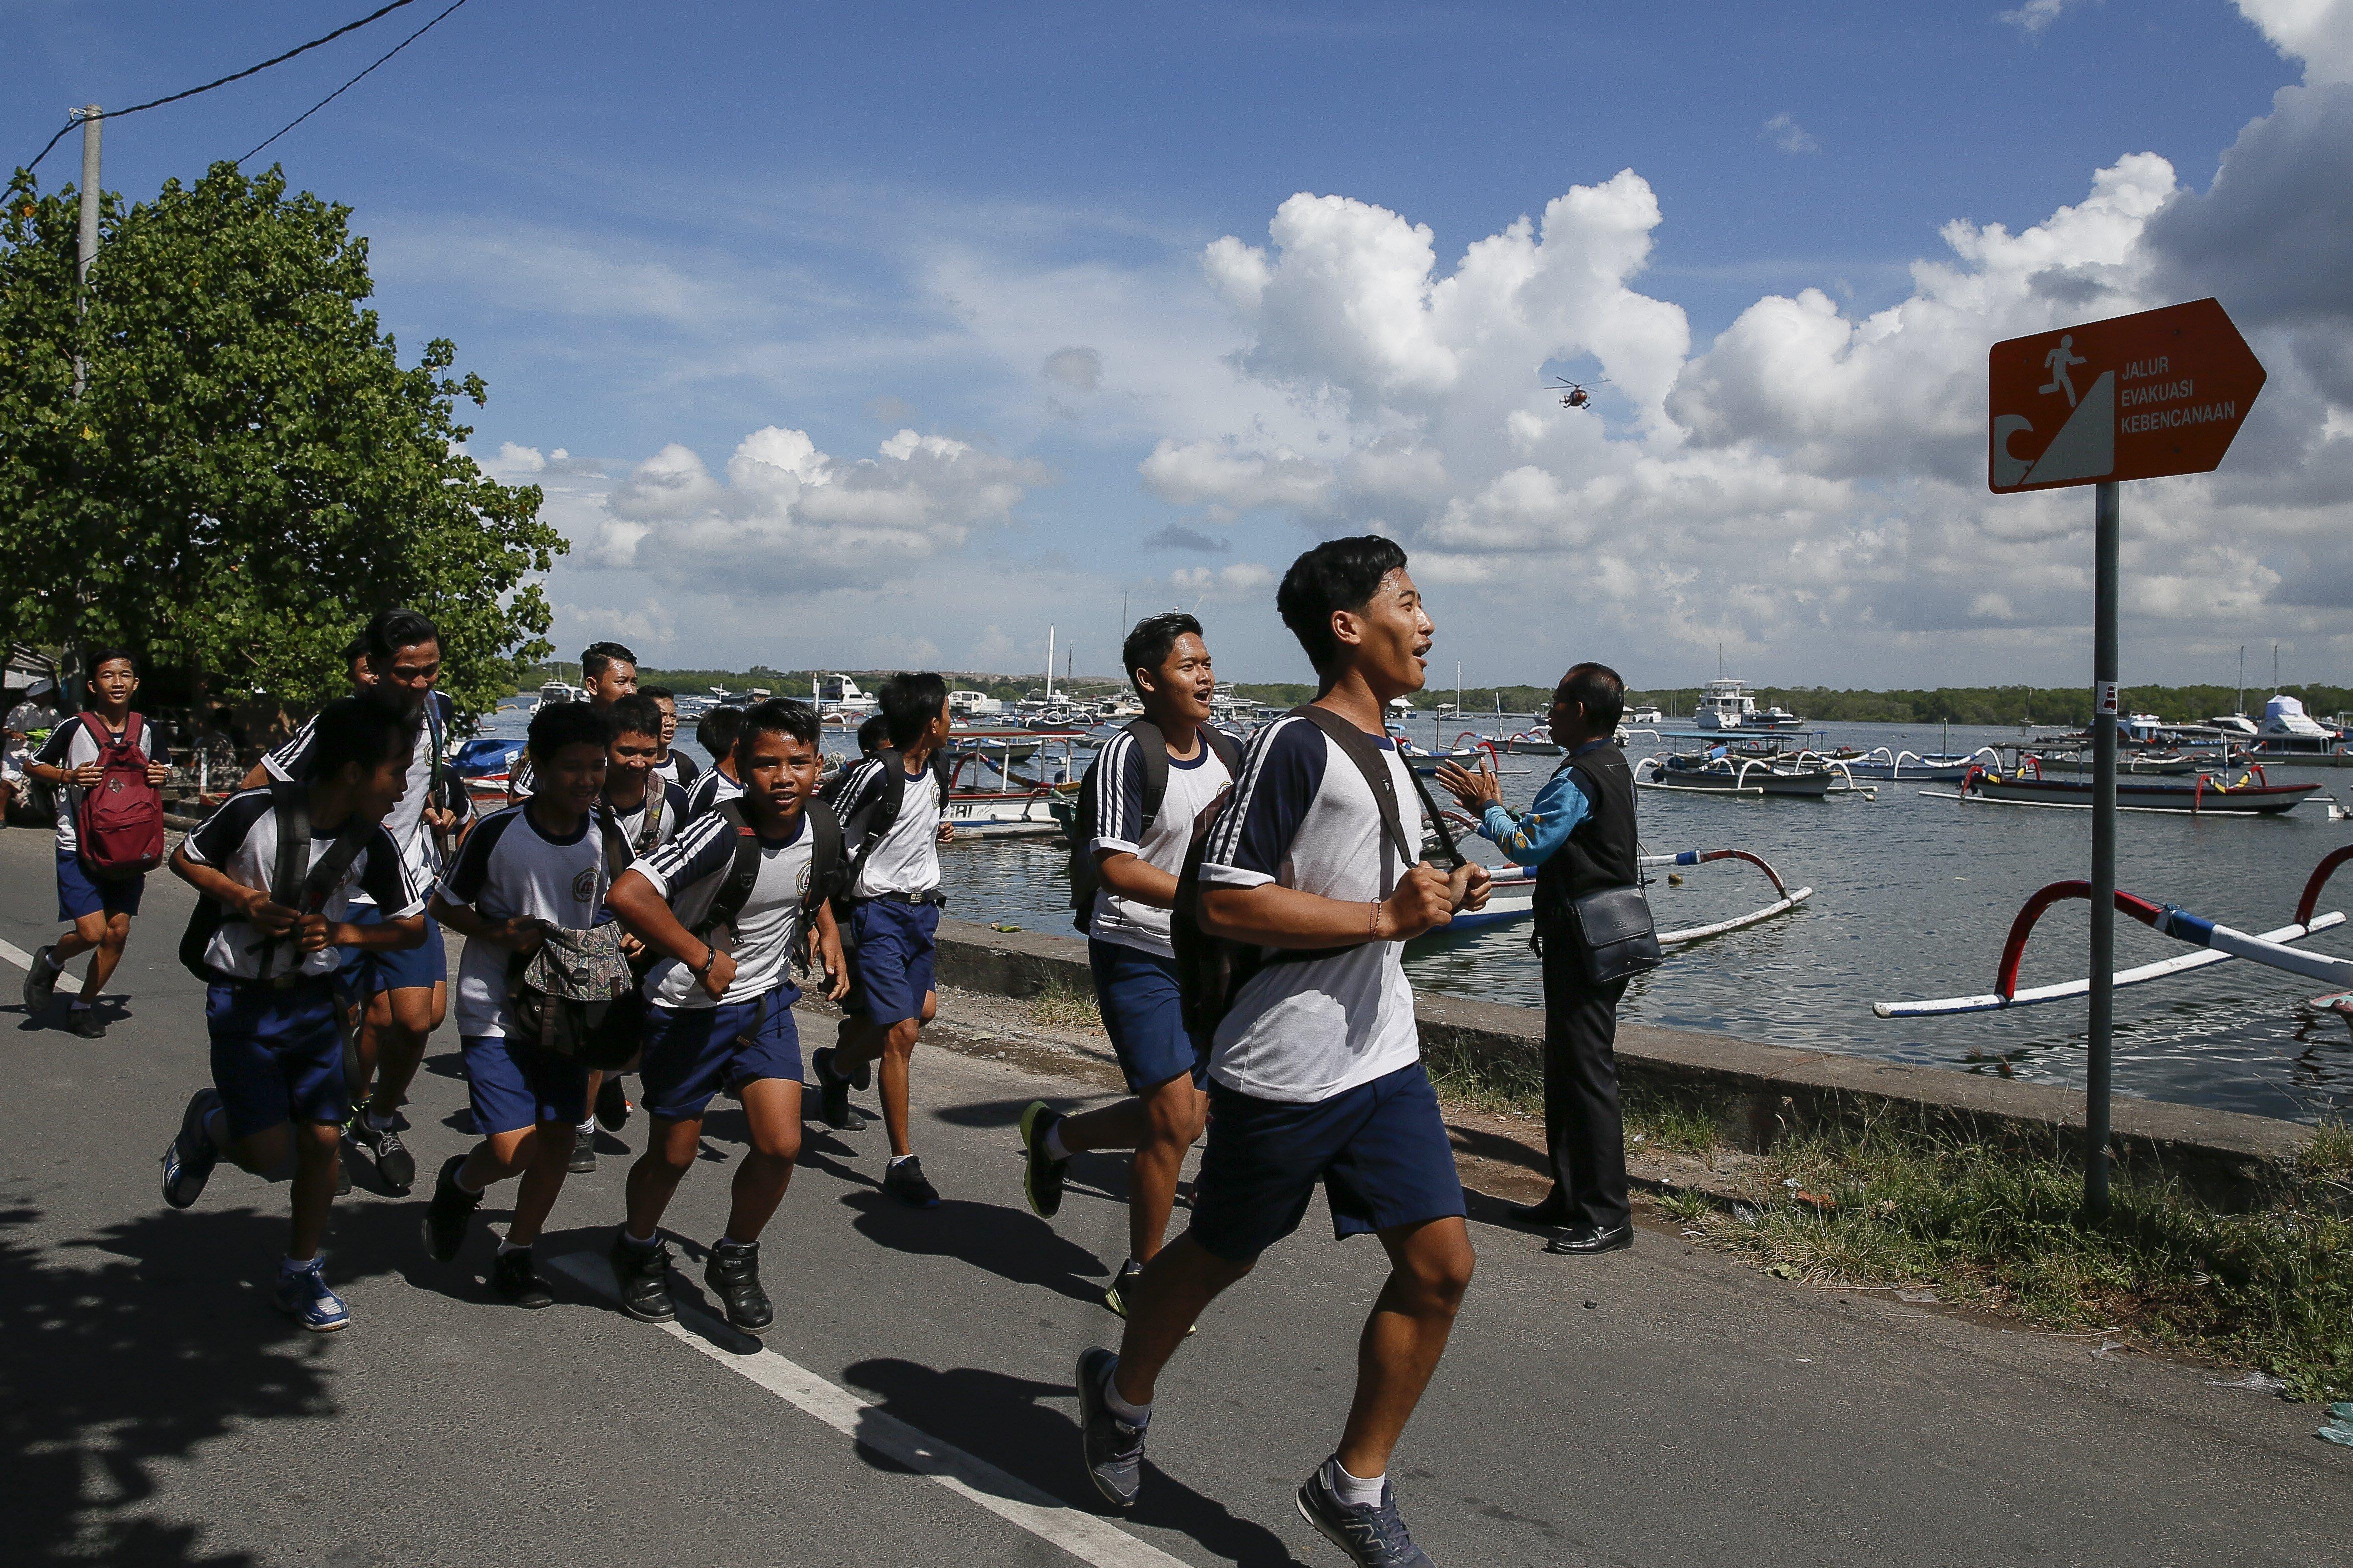 Estudiants participen en un simulacre d'evacuació de terratrèmol i tsunami en Serangan, Bali (Indonèsia).  Equips de rescat, voluntaris i vilatans van participar en un simulacre per preparar procediments de resposta d'emergència per a terratrèmols i tsunamis. / EFE - MADE NAGI